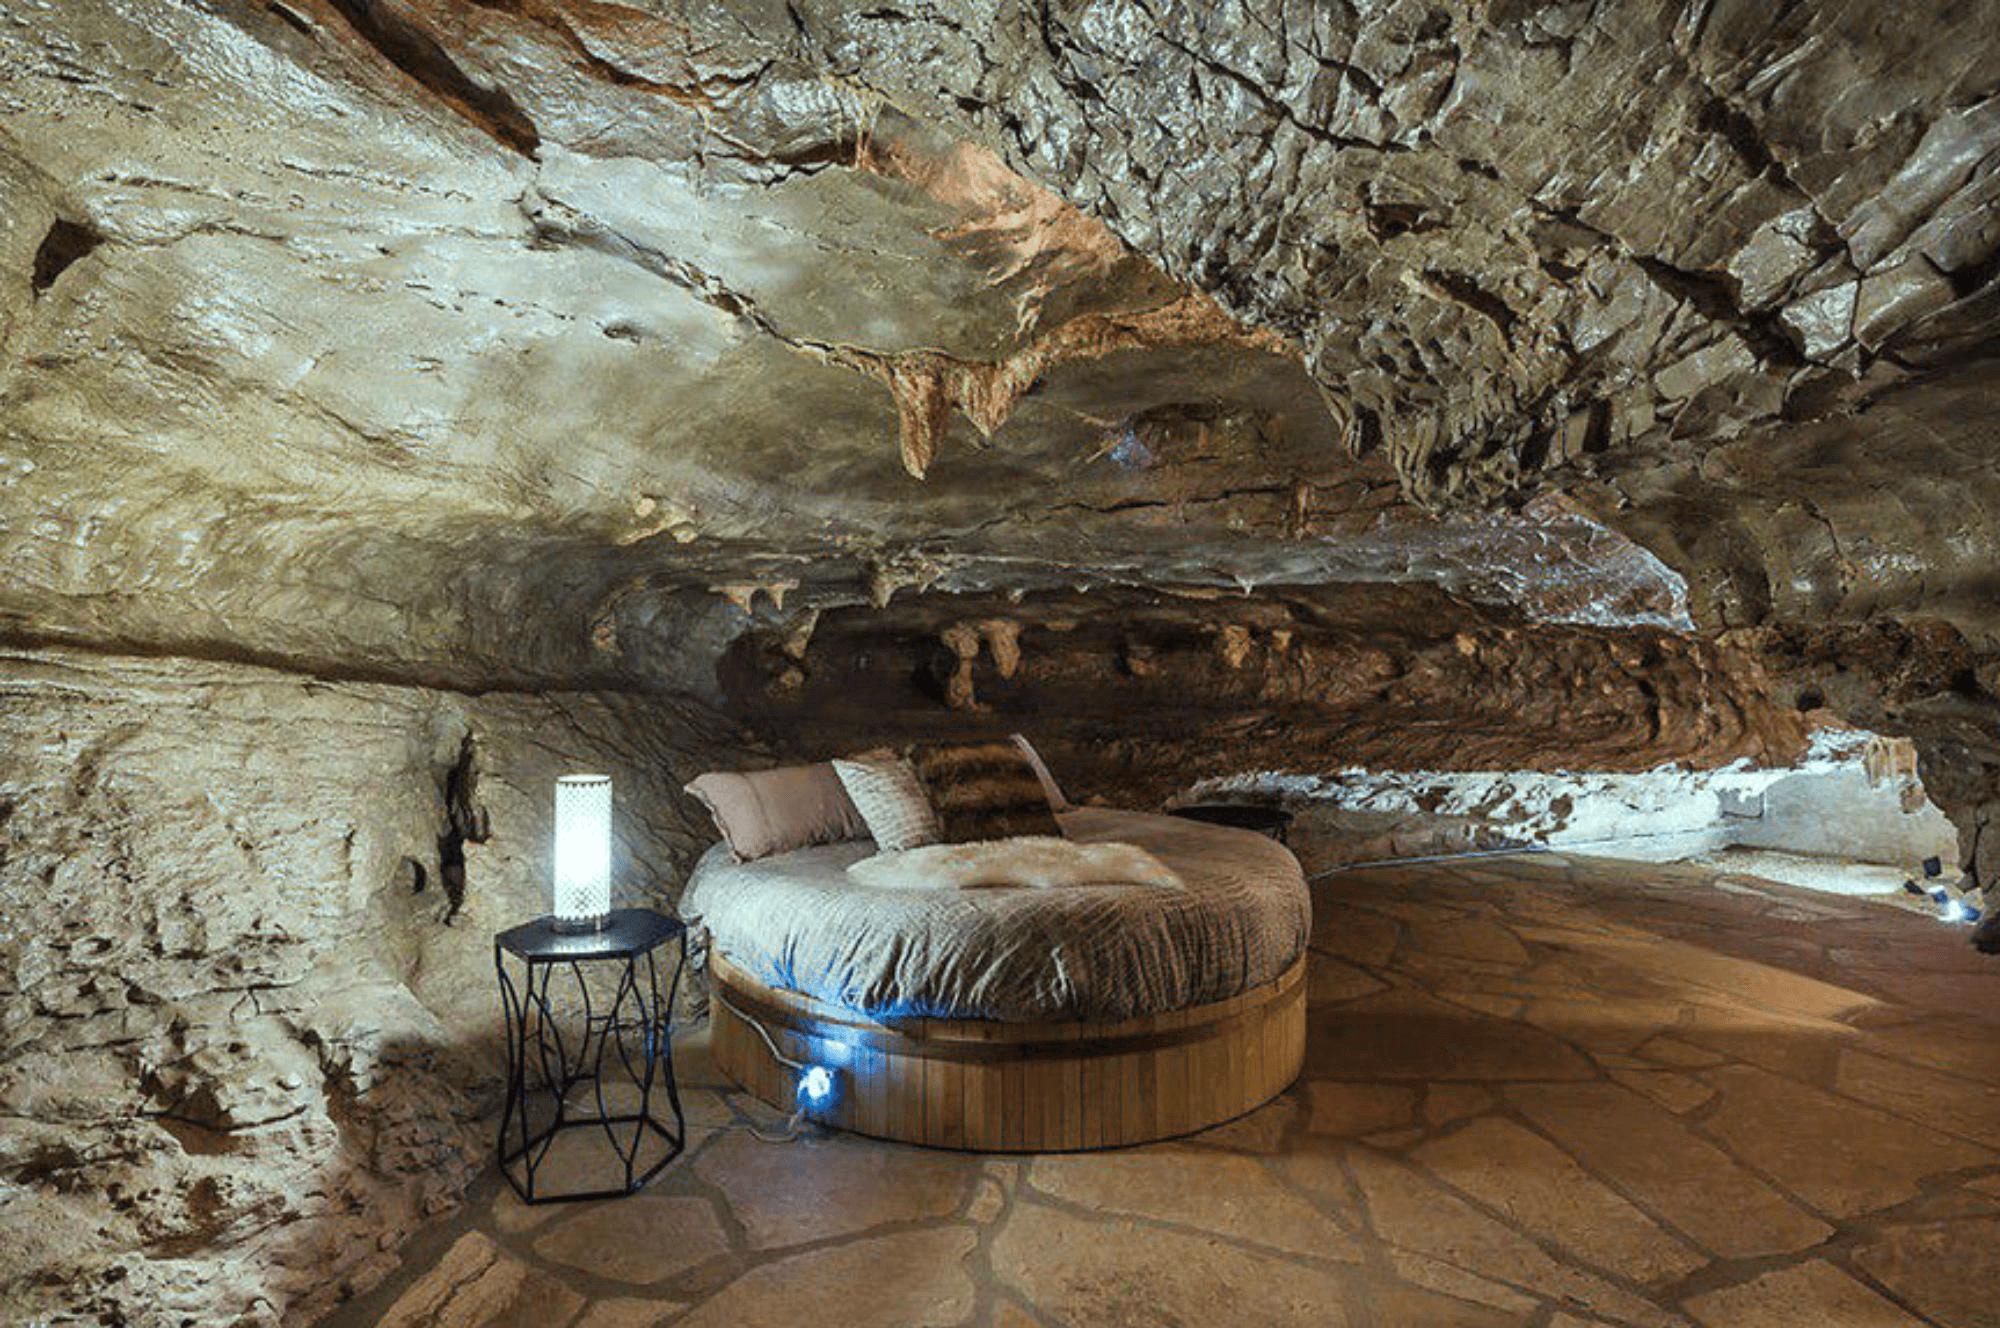 Caverne Ou Maison : Les Problèmes De Qualité De L'air Ne Datent Pas D'hier…